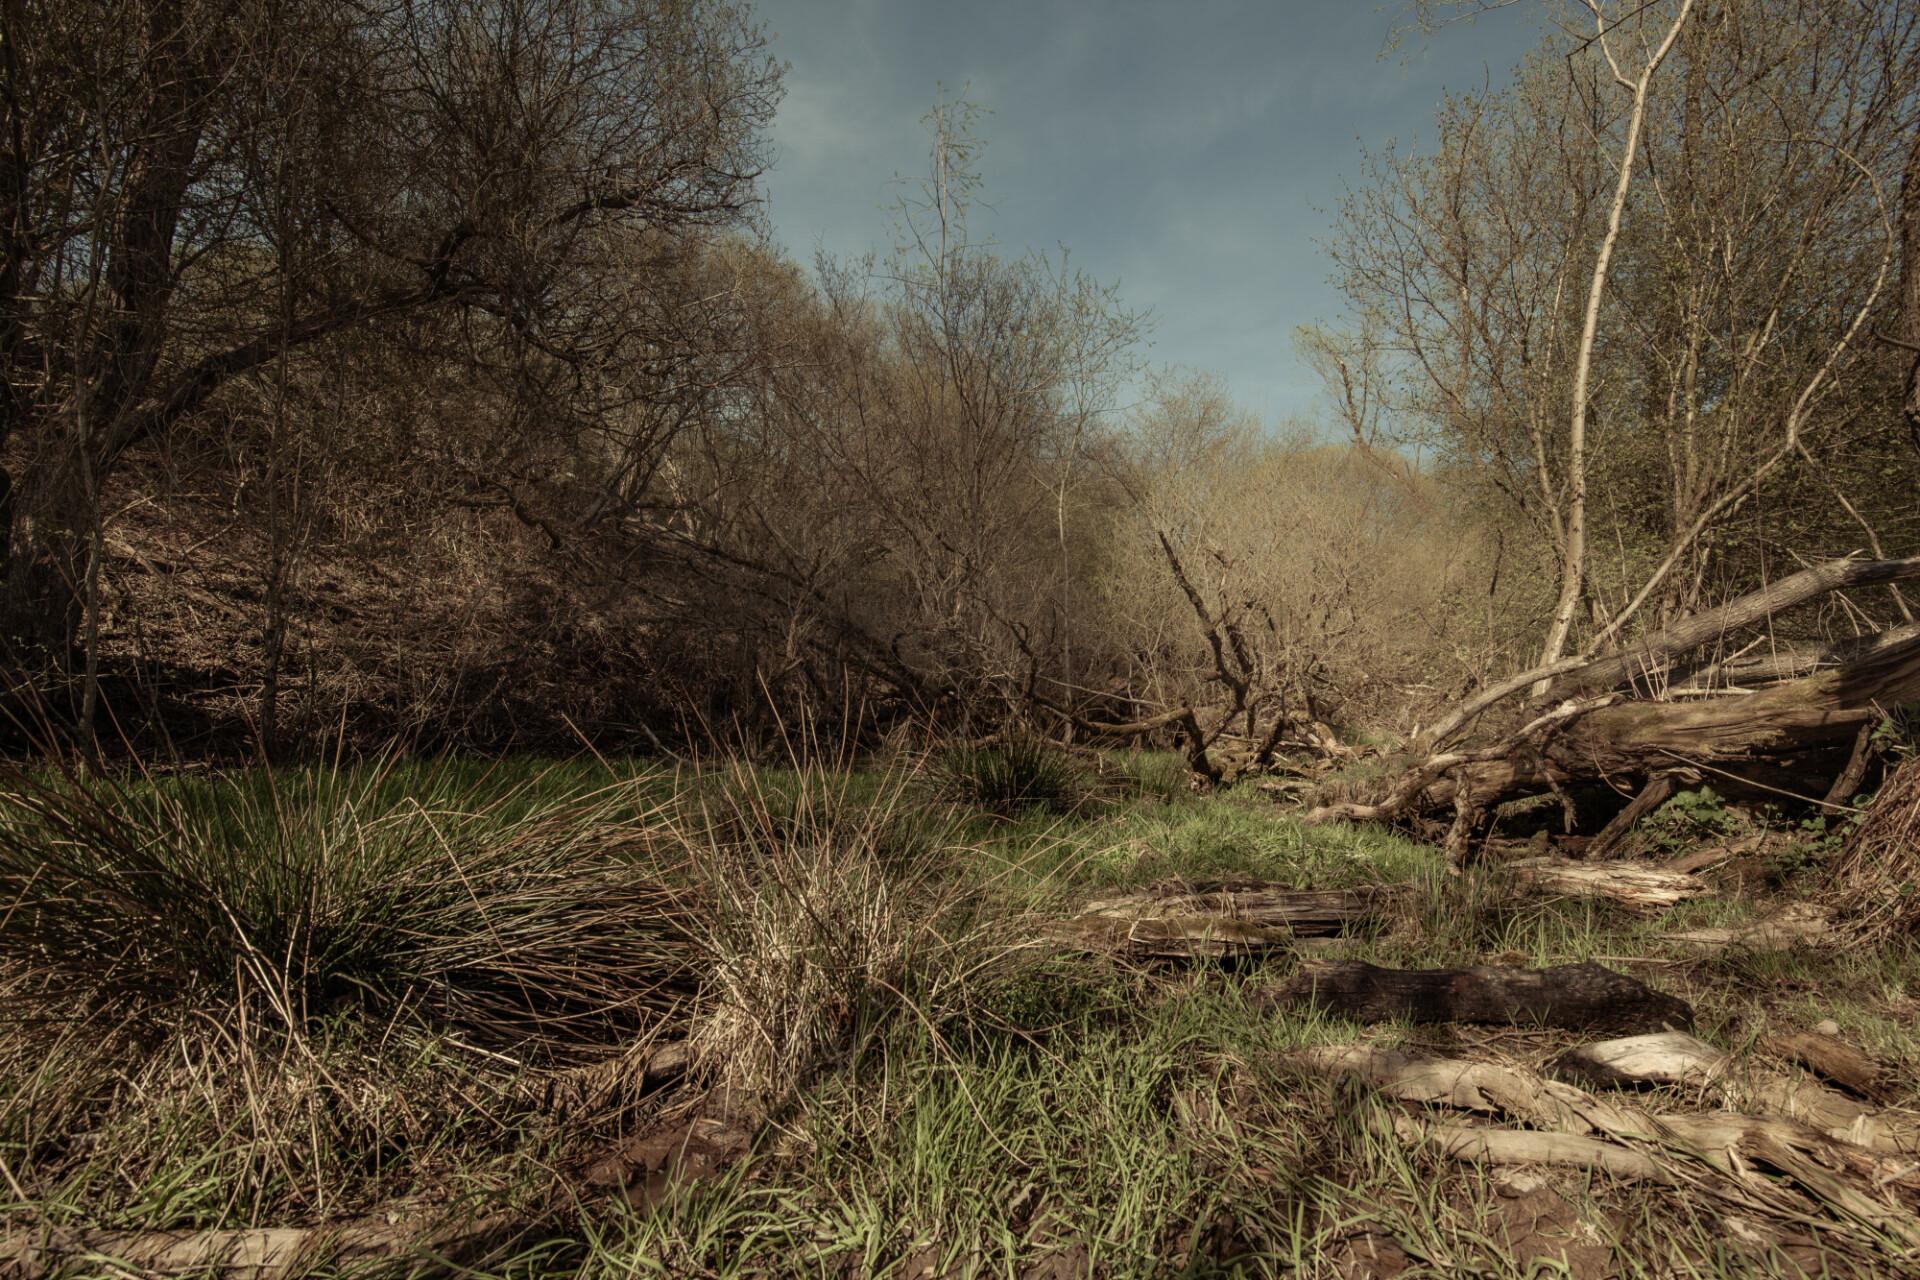 Gloomy marshlands